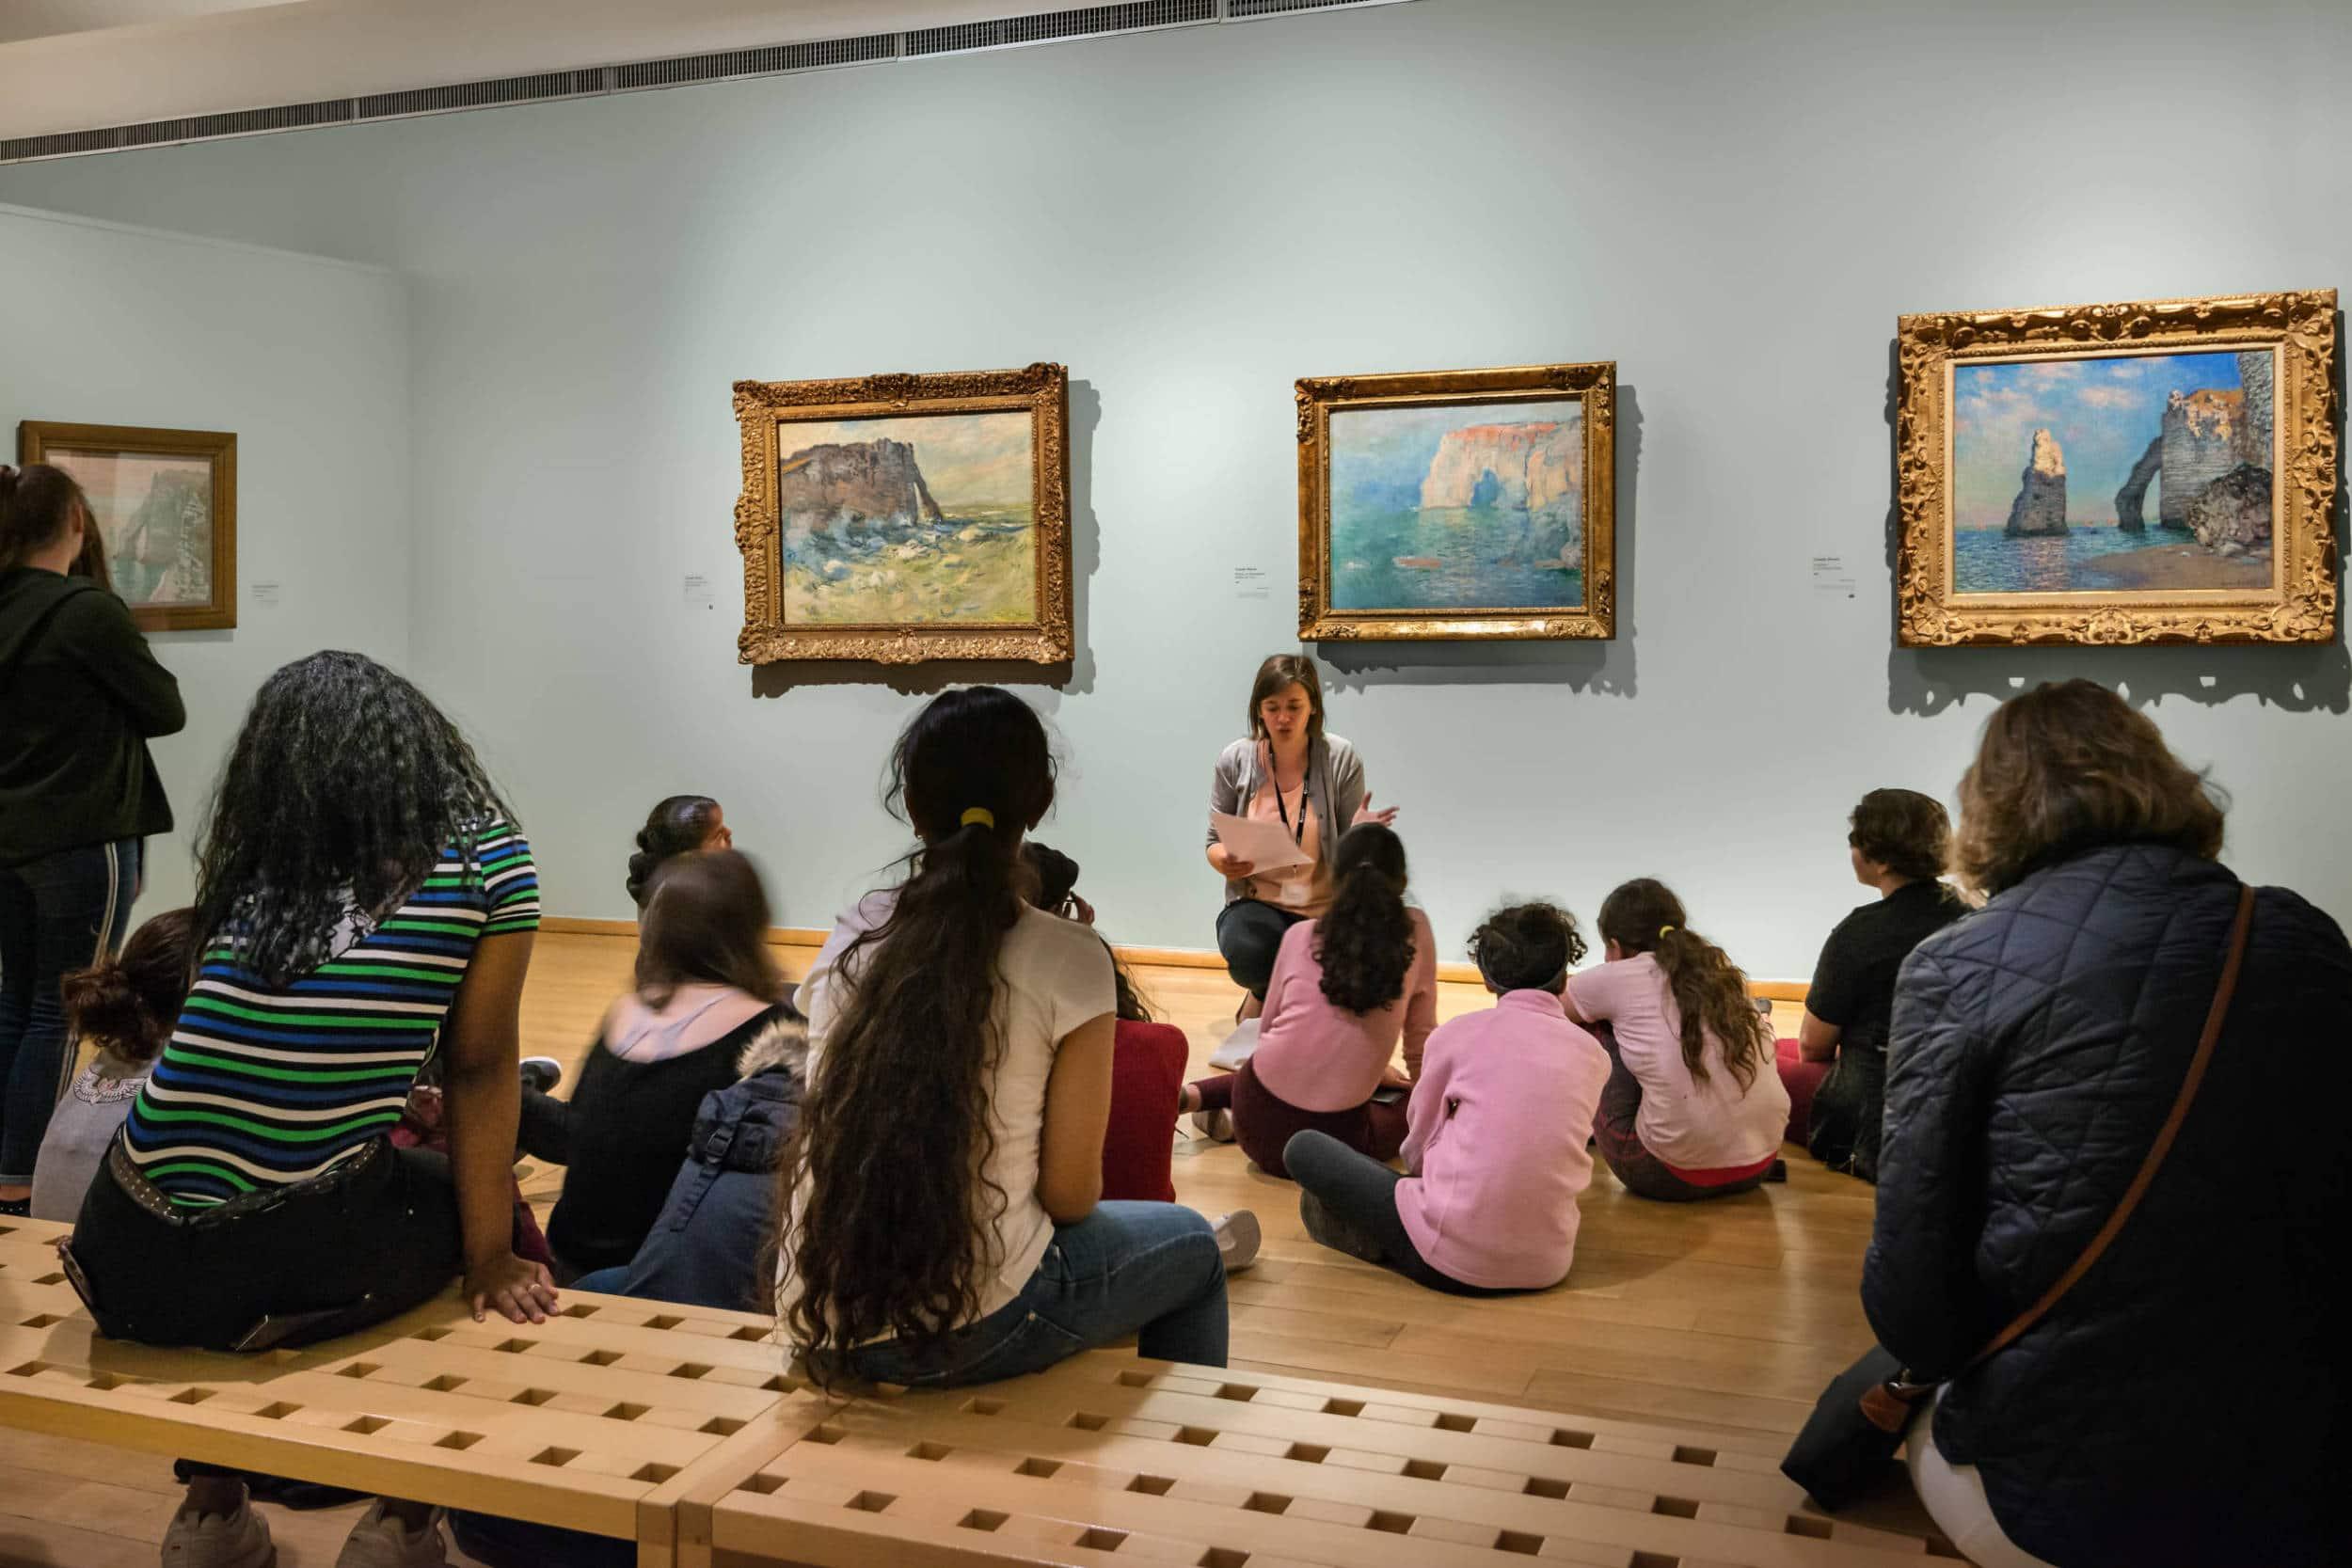 Visite guidée d'un groupe de visiteurs au musée des impressionnismes Giverny